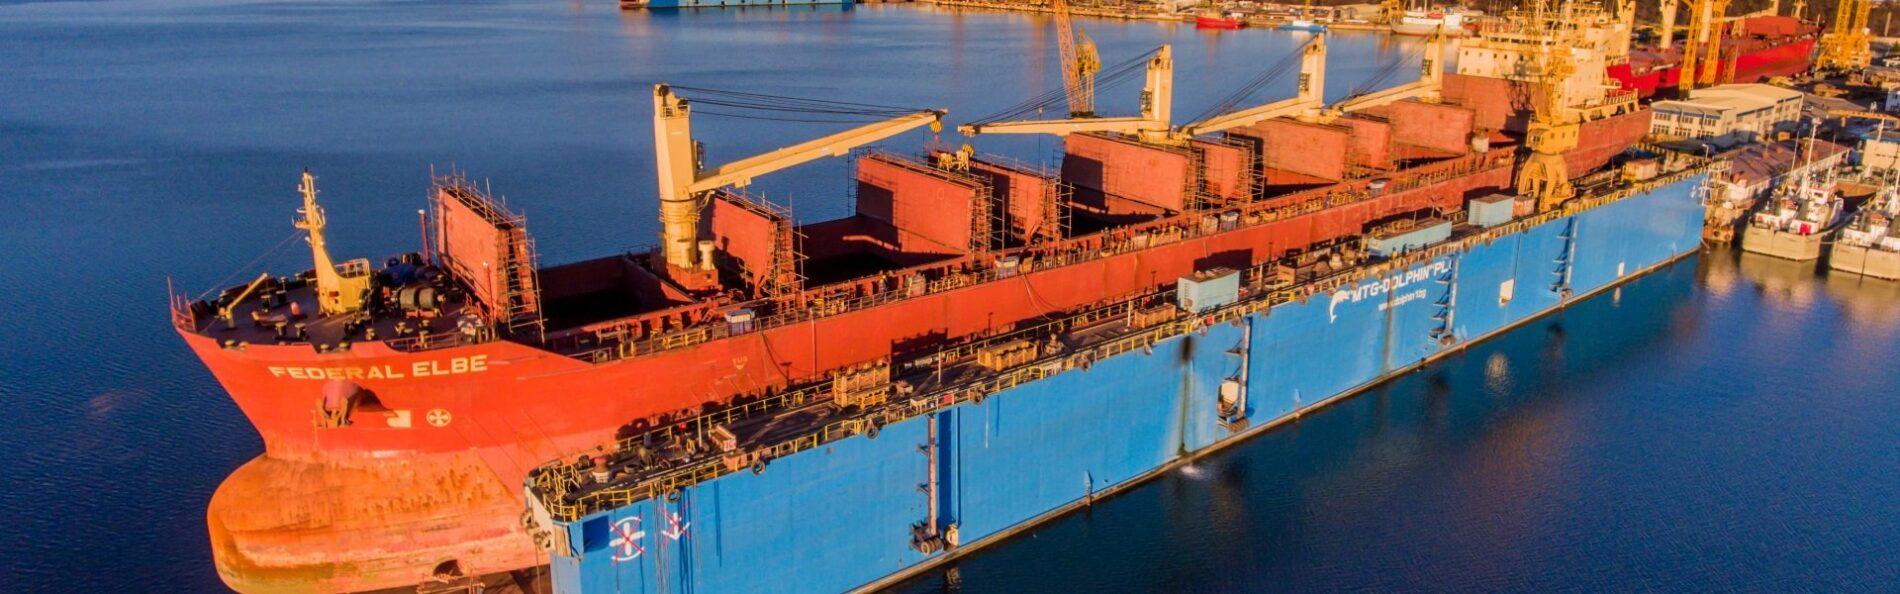 Shiprepair